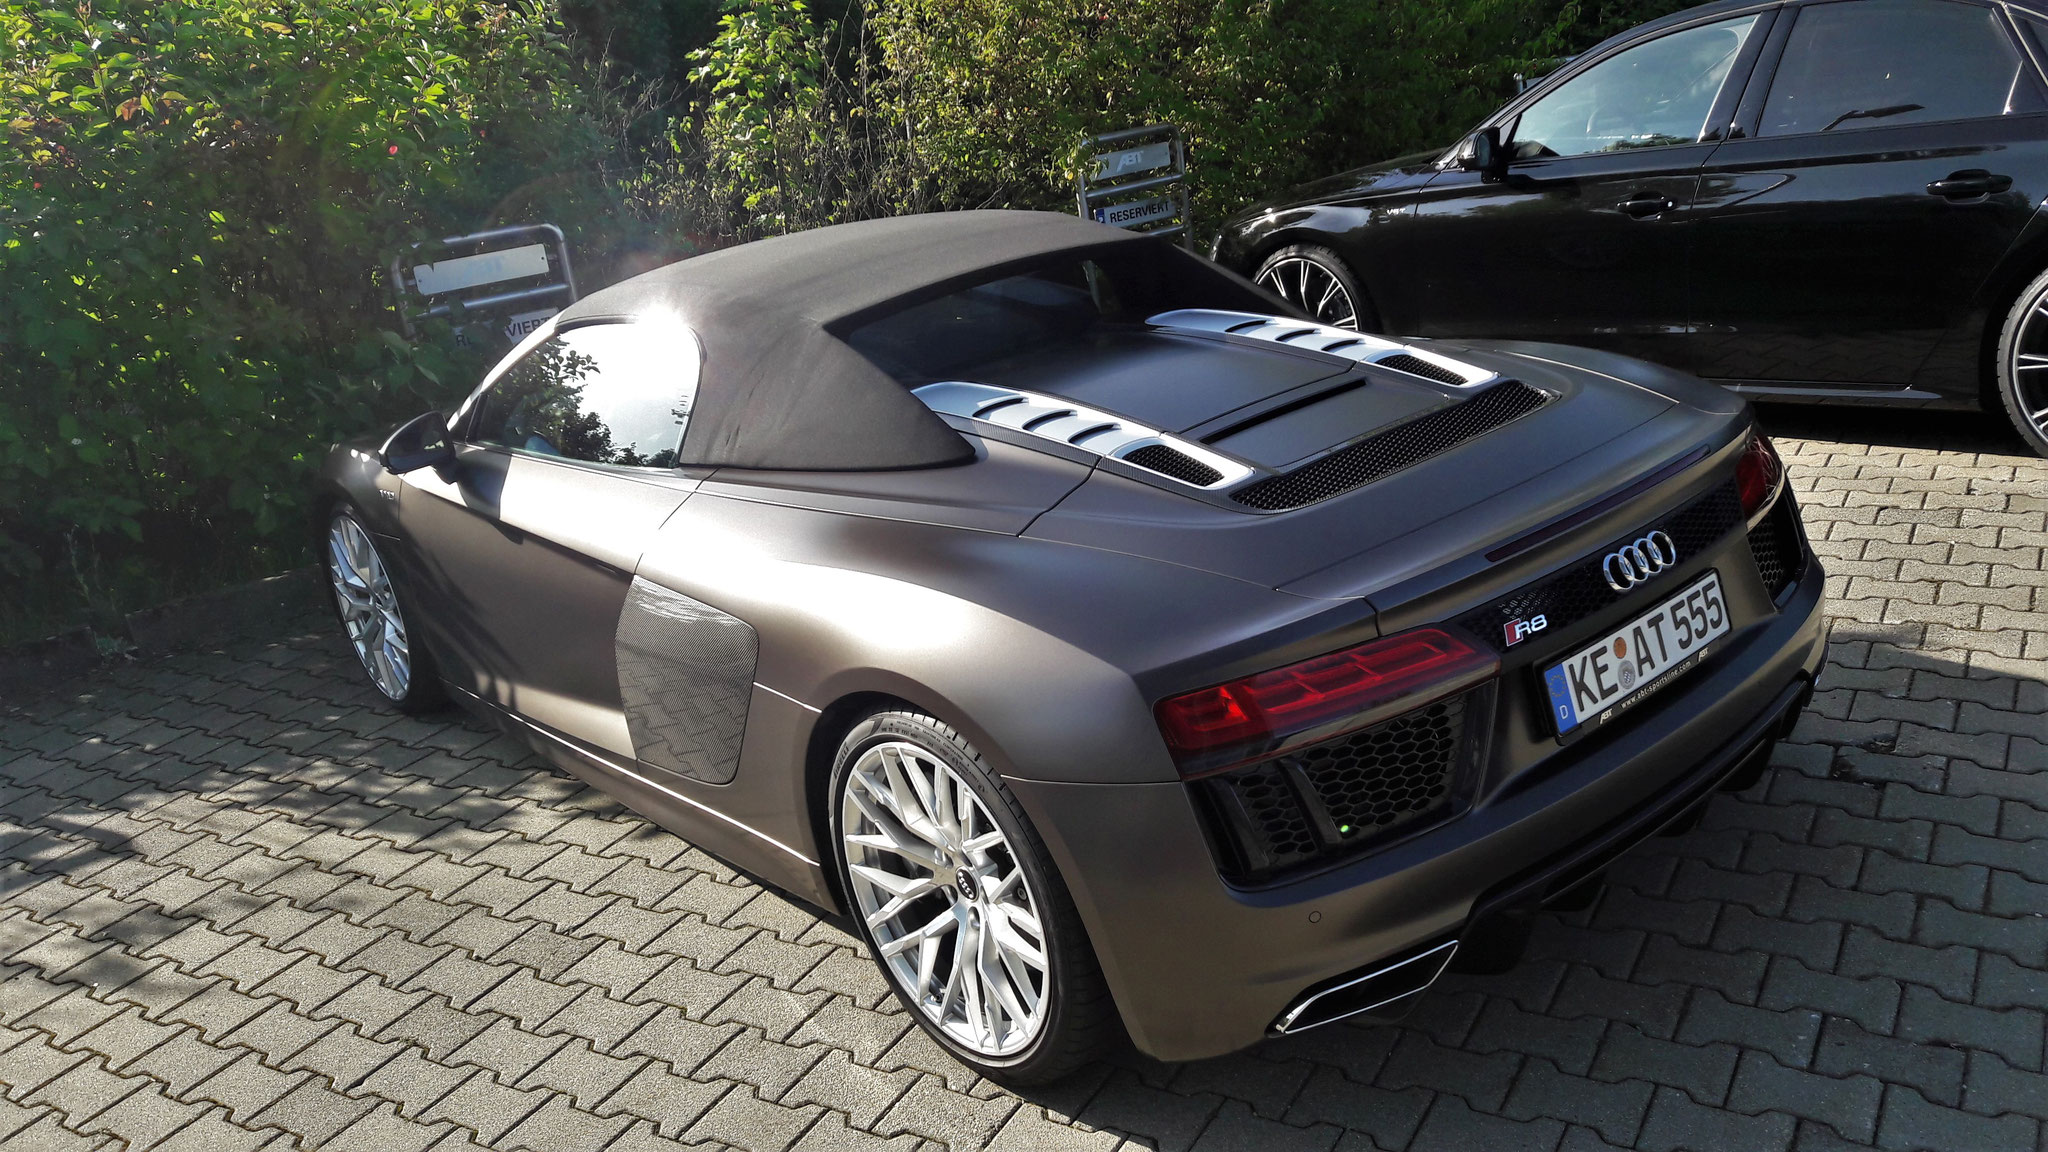 Audi R8 V10 Spyder - KE-AT-555